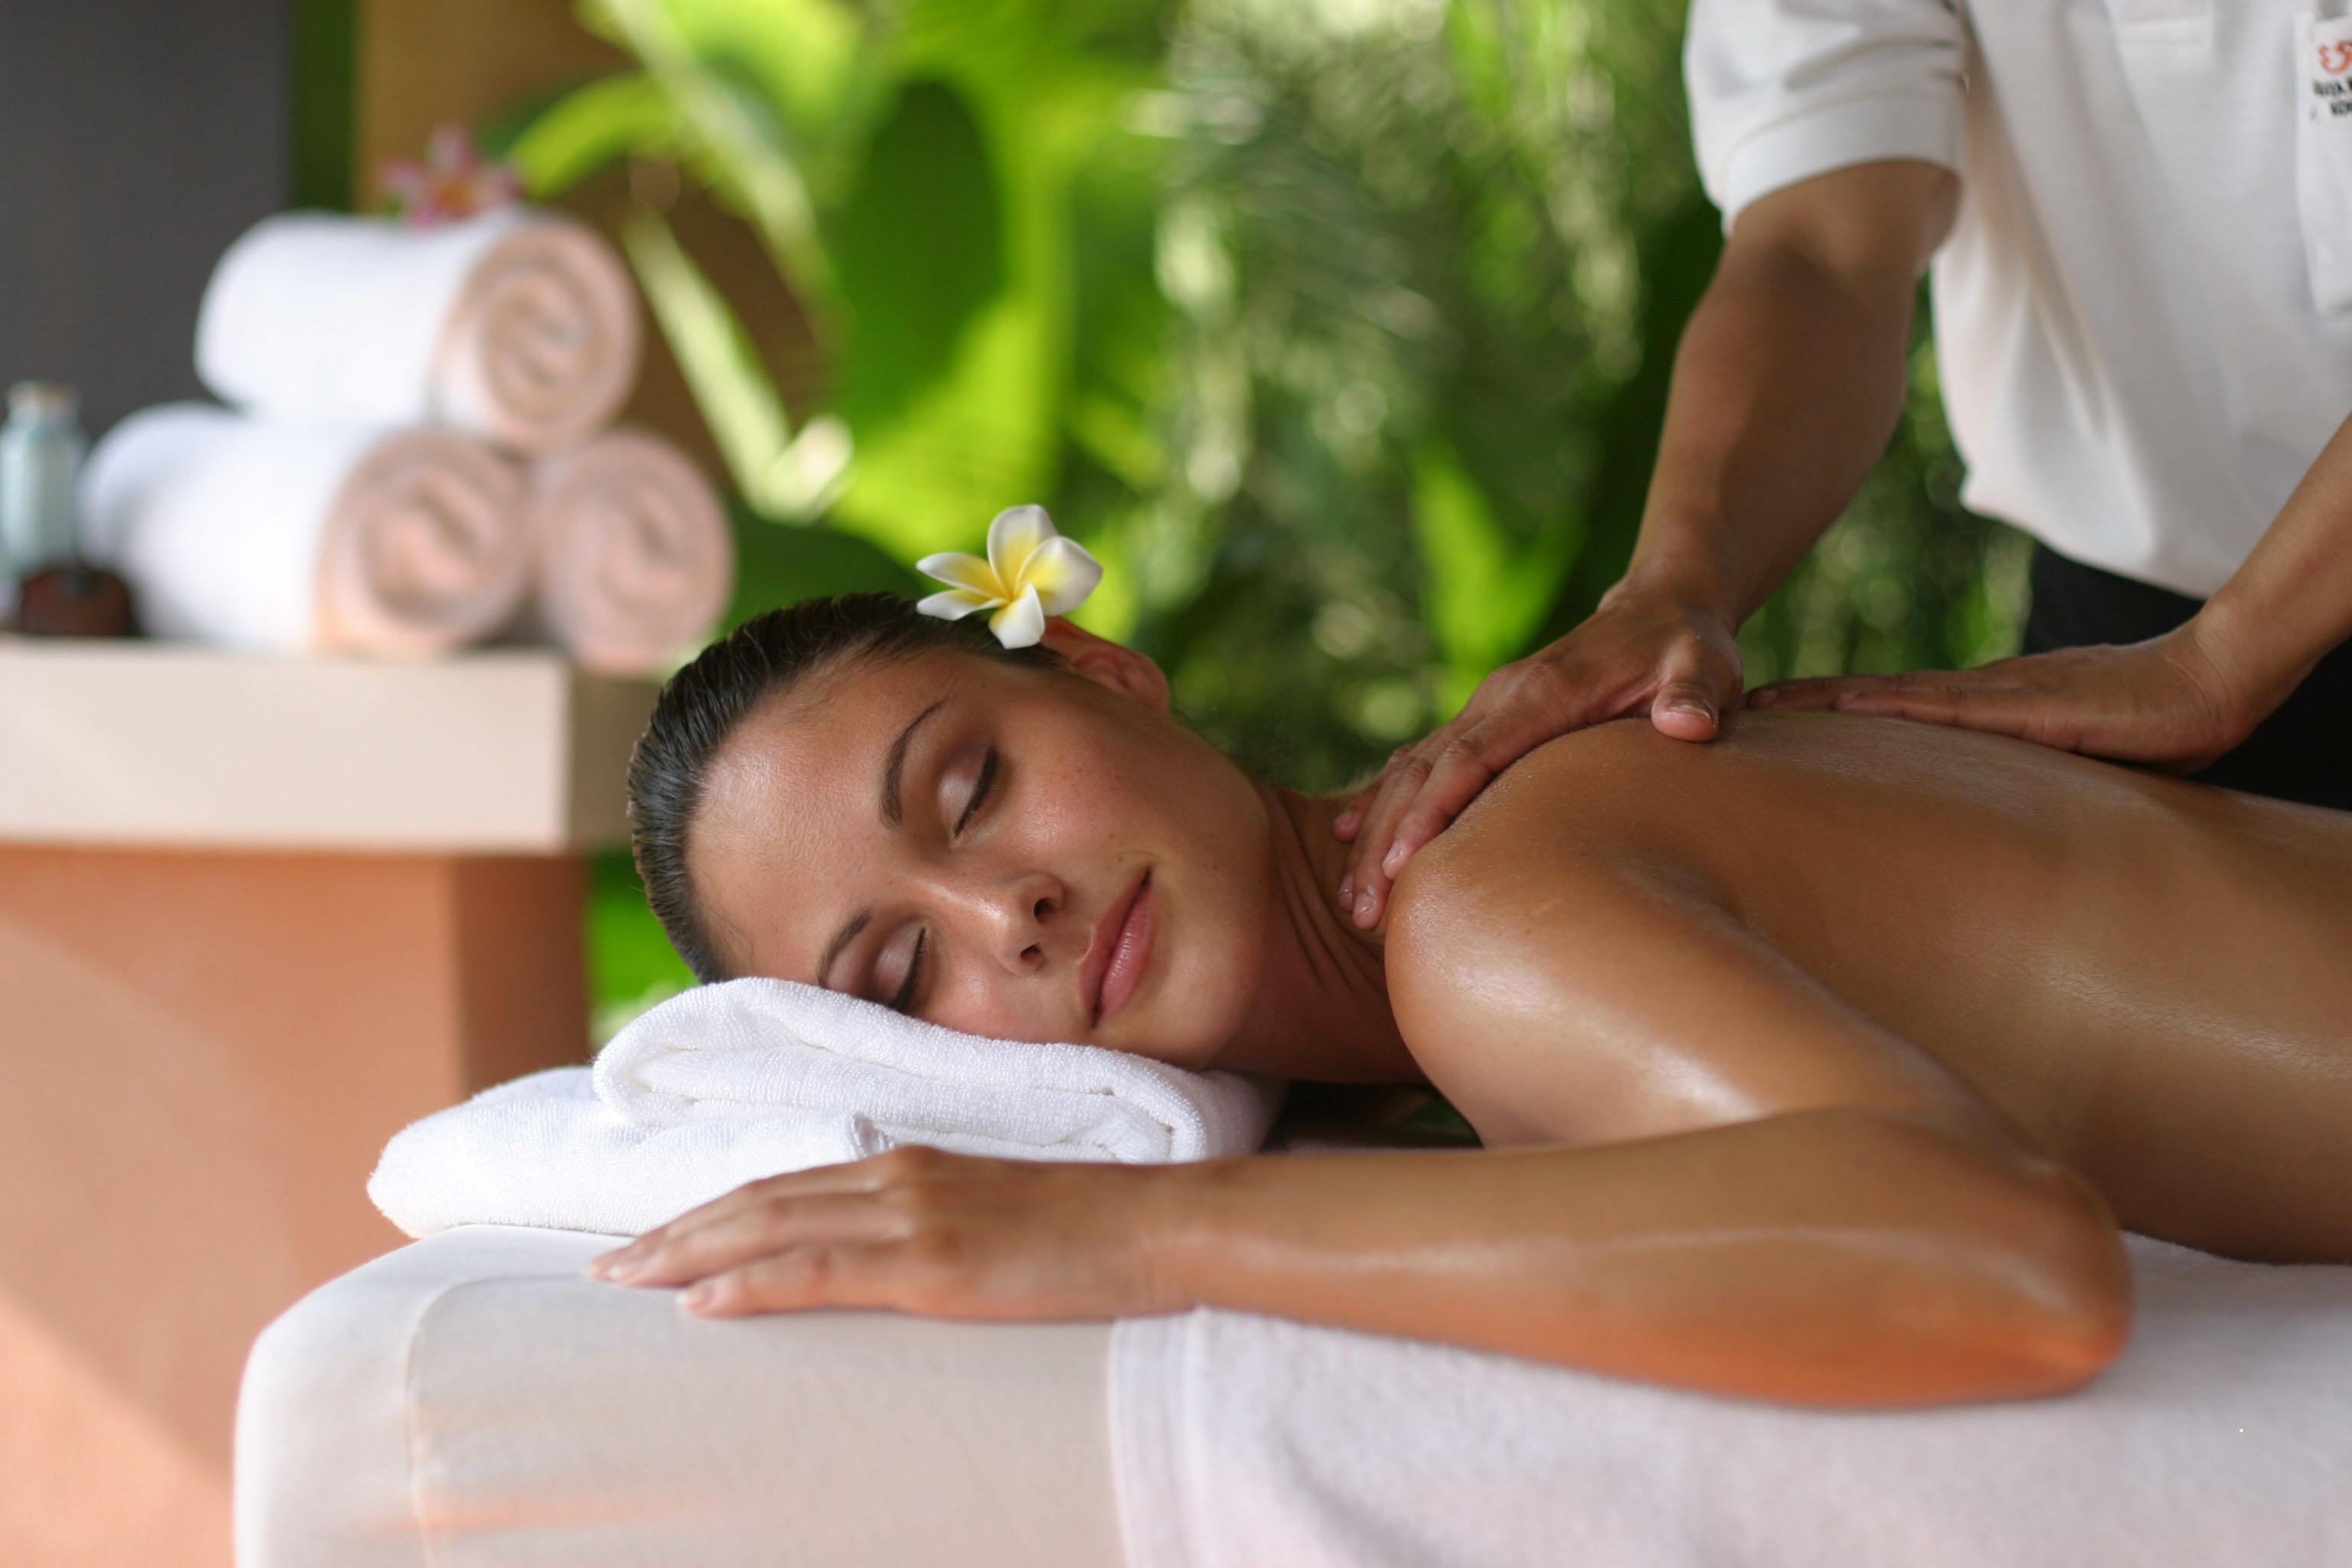 Día de Spa – Los 8 mejores tratamientos para el cuerpo y alma